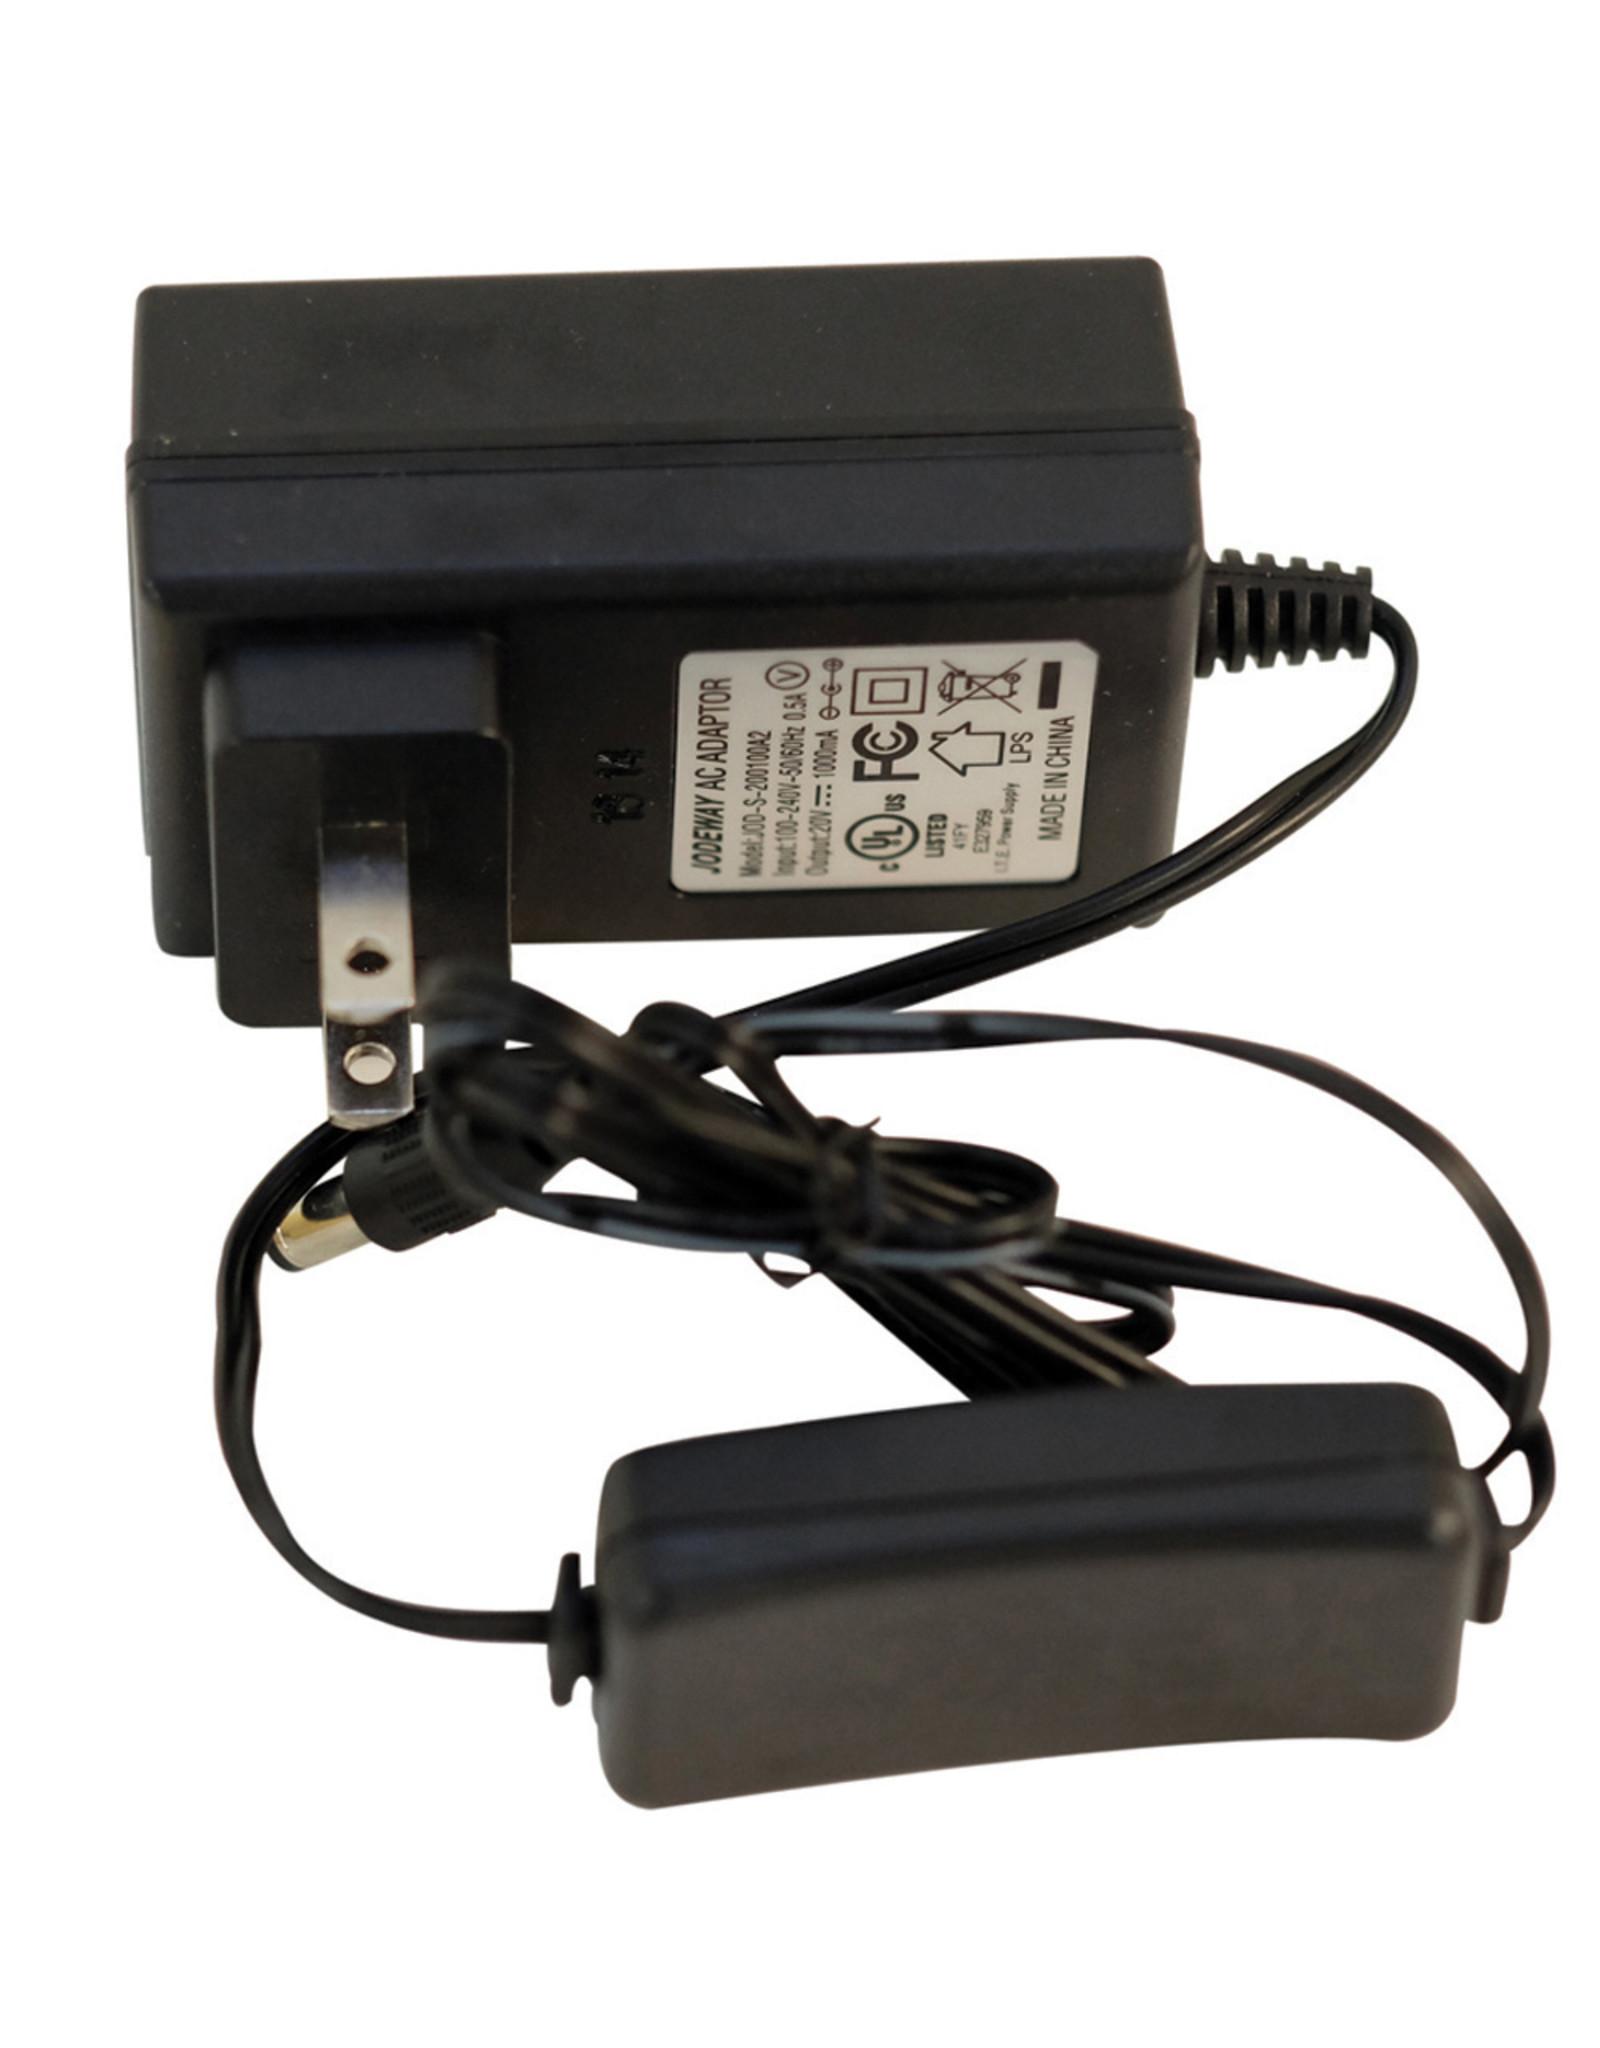 Fluval FLUVAL LED Kit Replacement Transformer